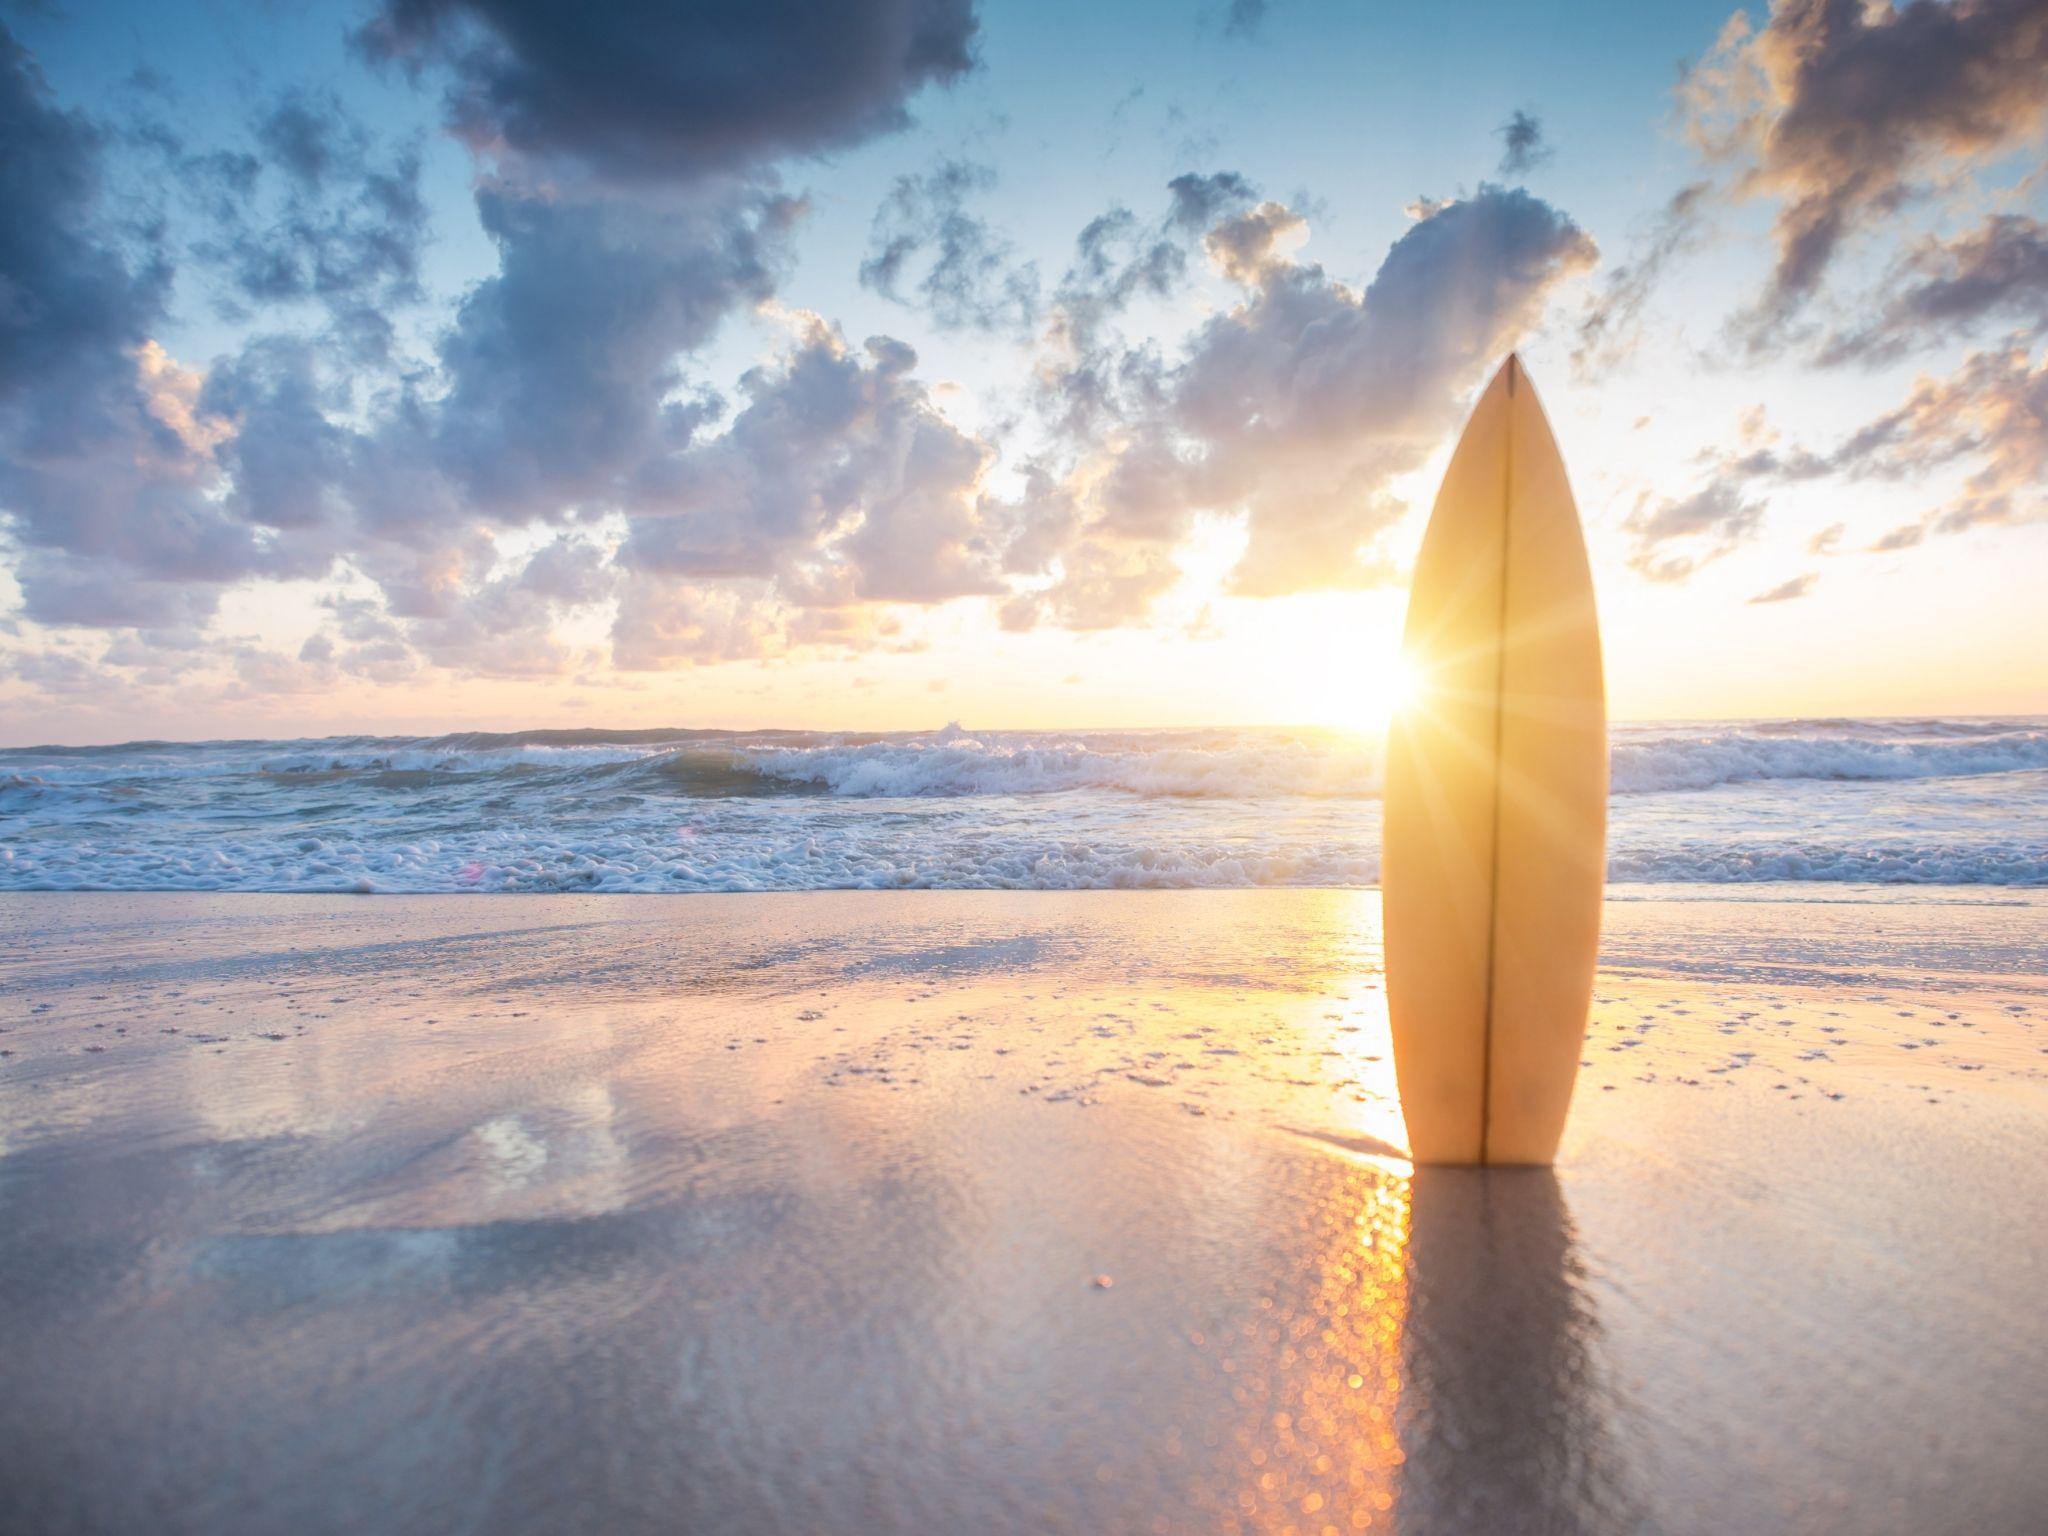 Mac Summer Beach Wallpaper